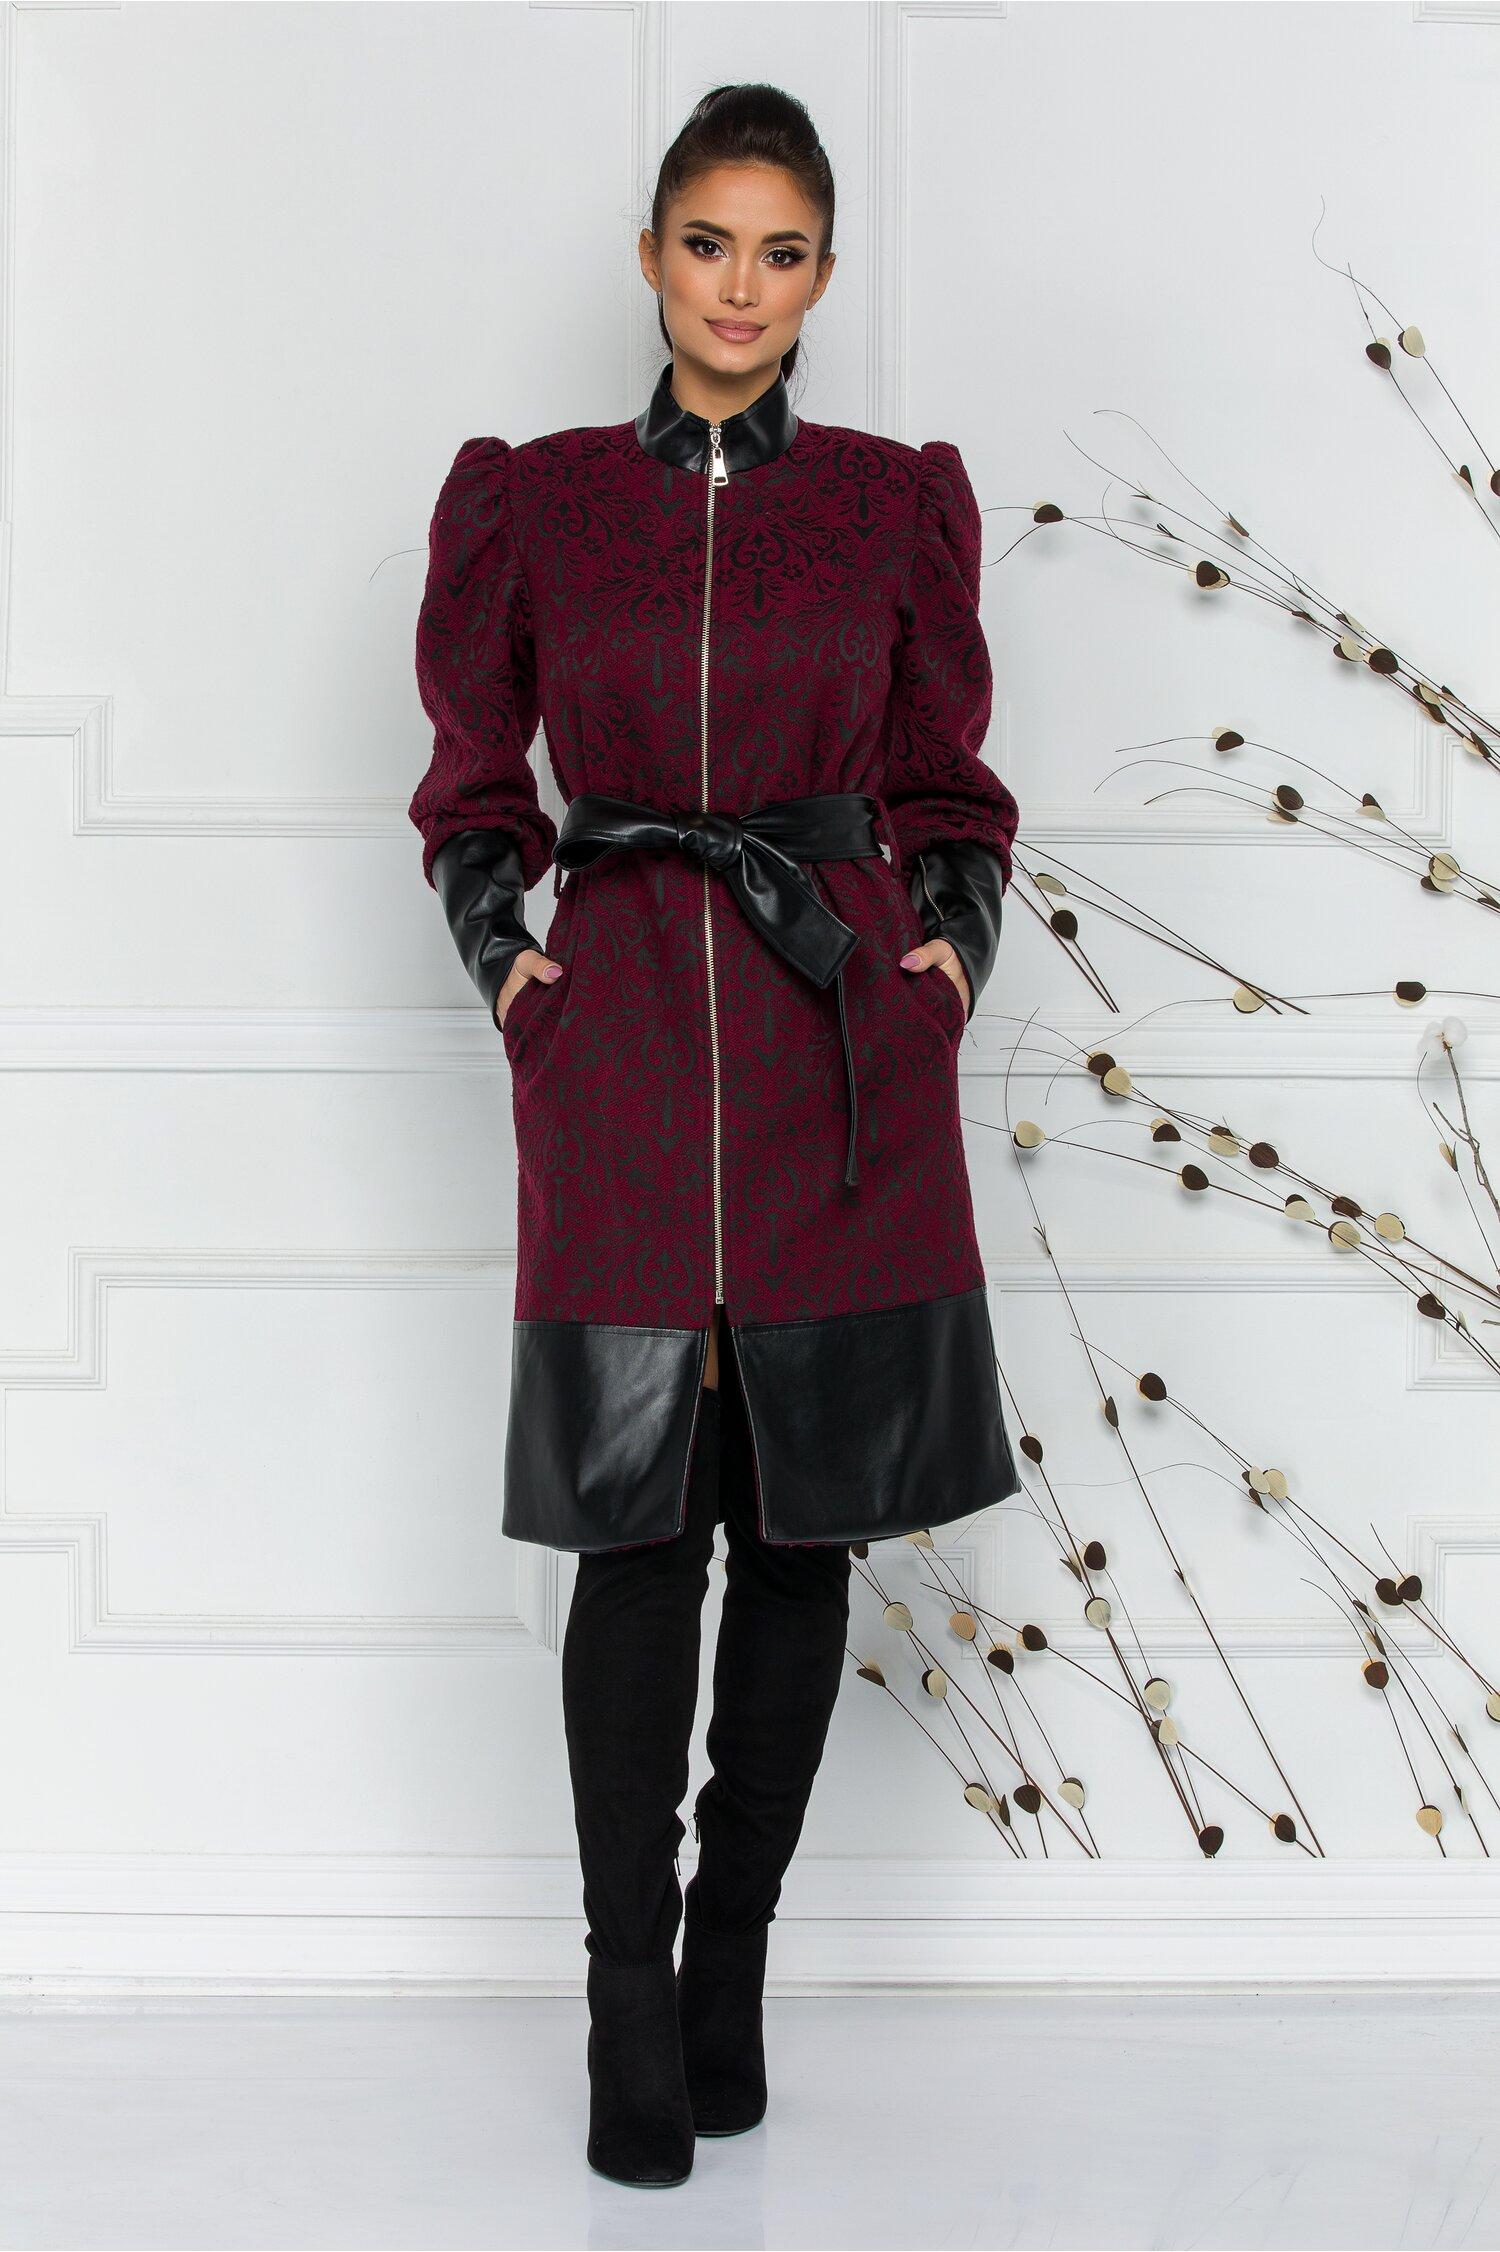 Palton LaDonna bordo cu insertii din piele ecologica si broderie florala